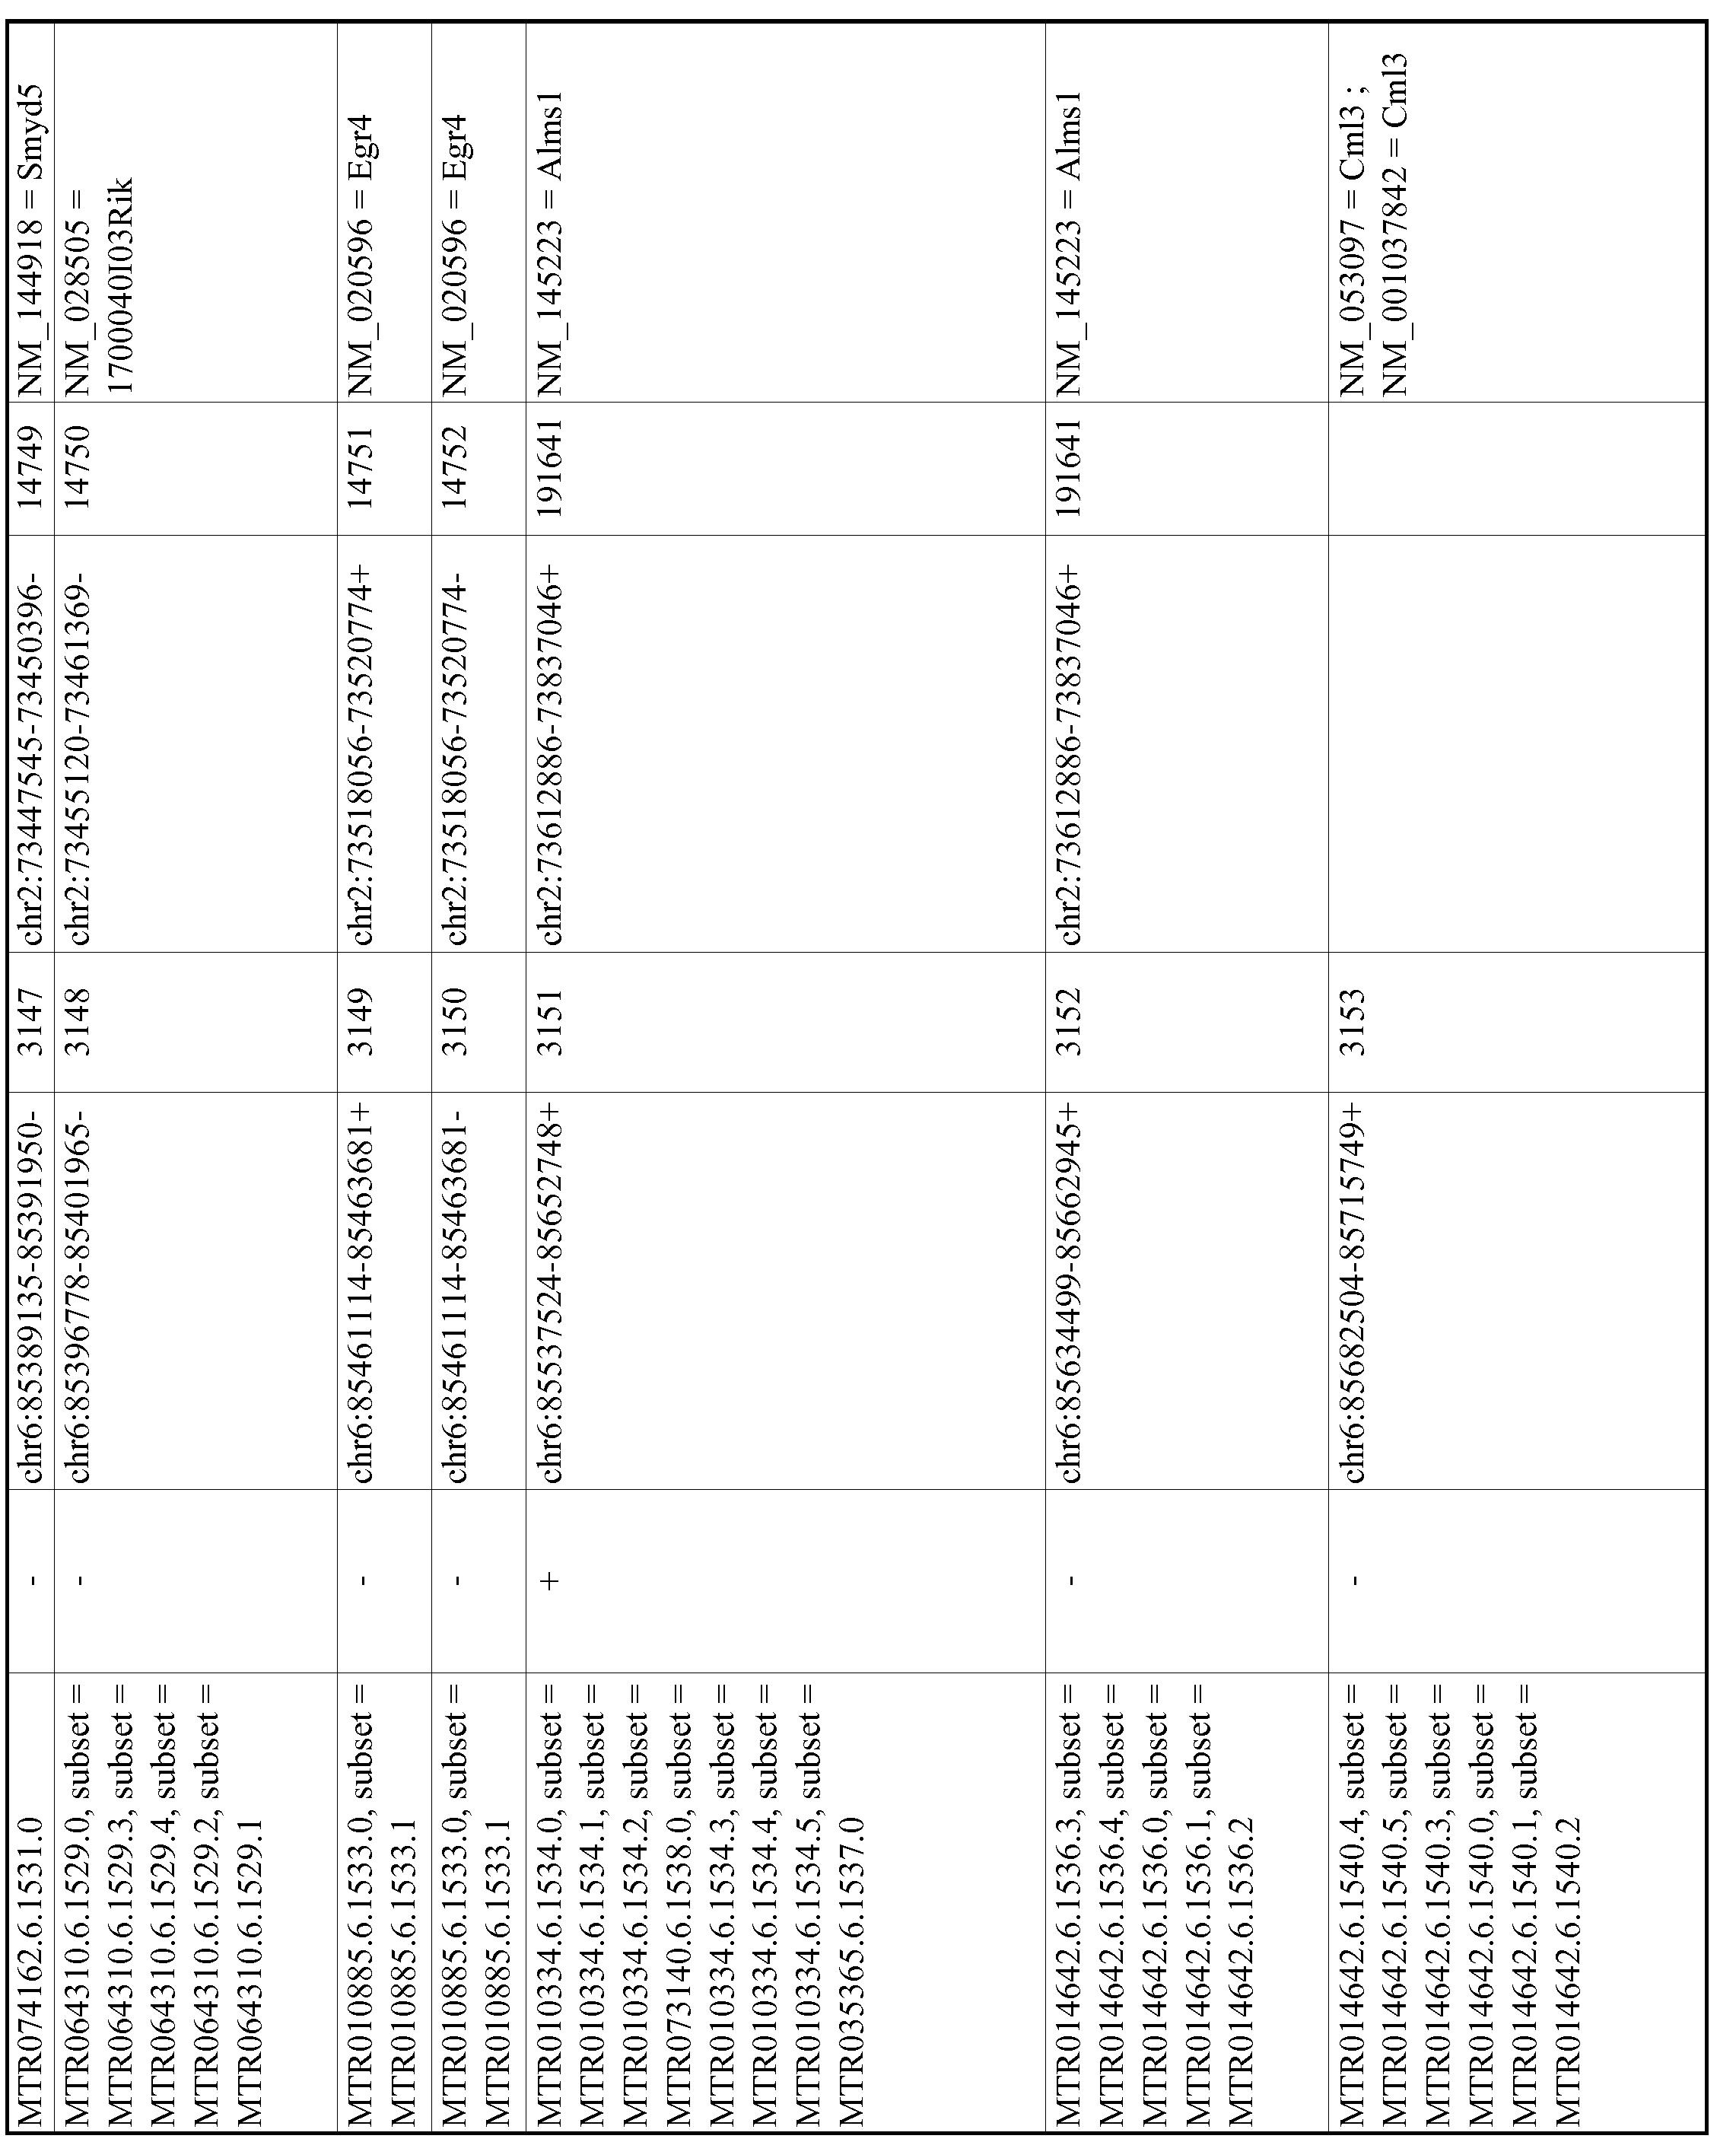 Figure imgf000626_0001